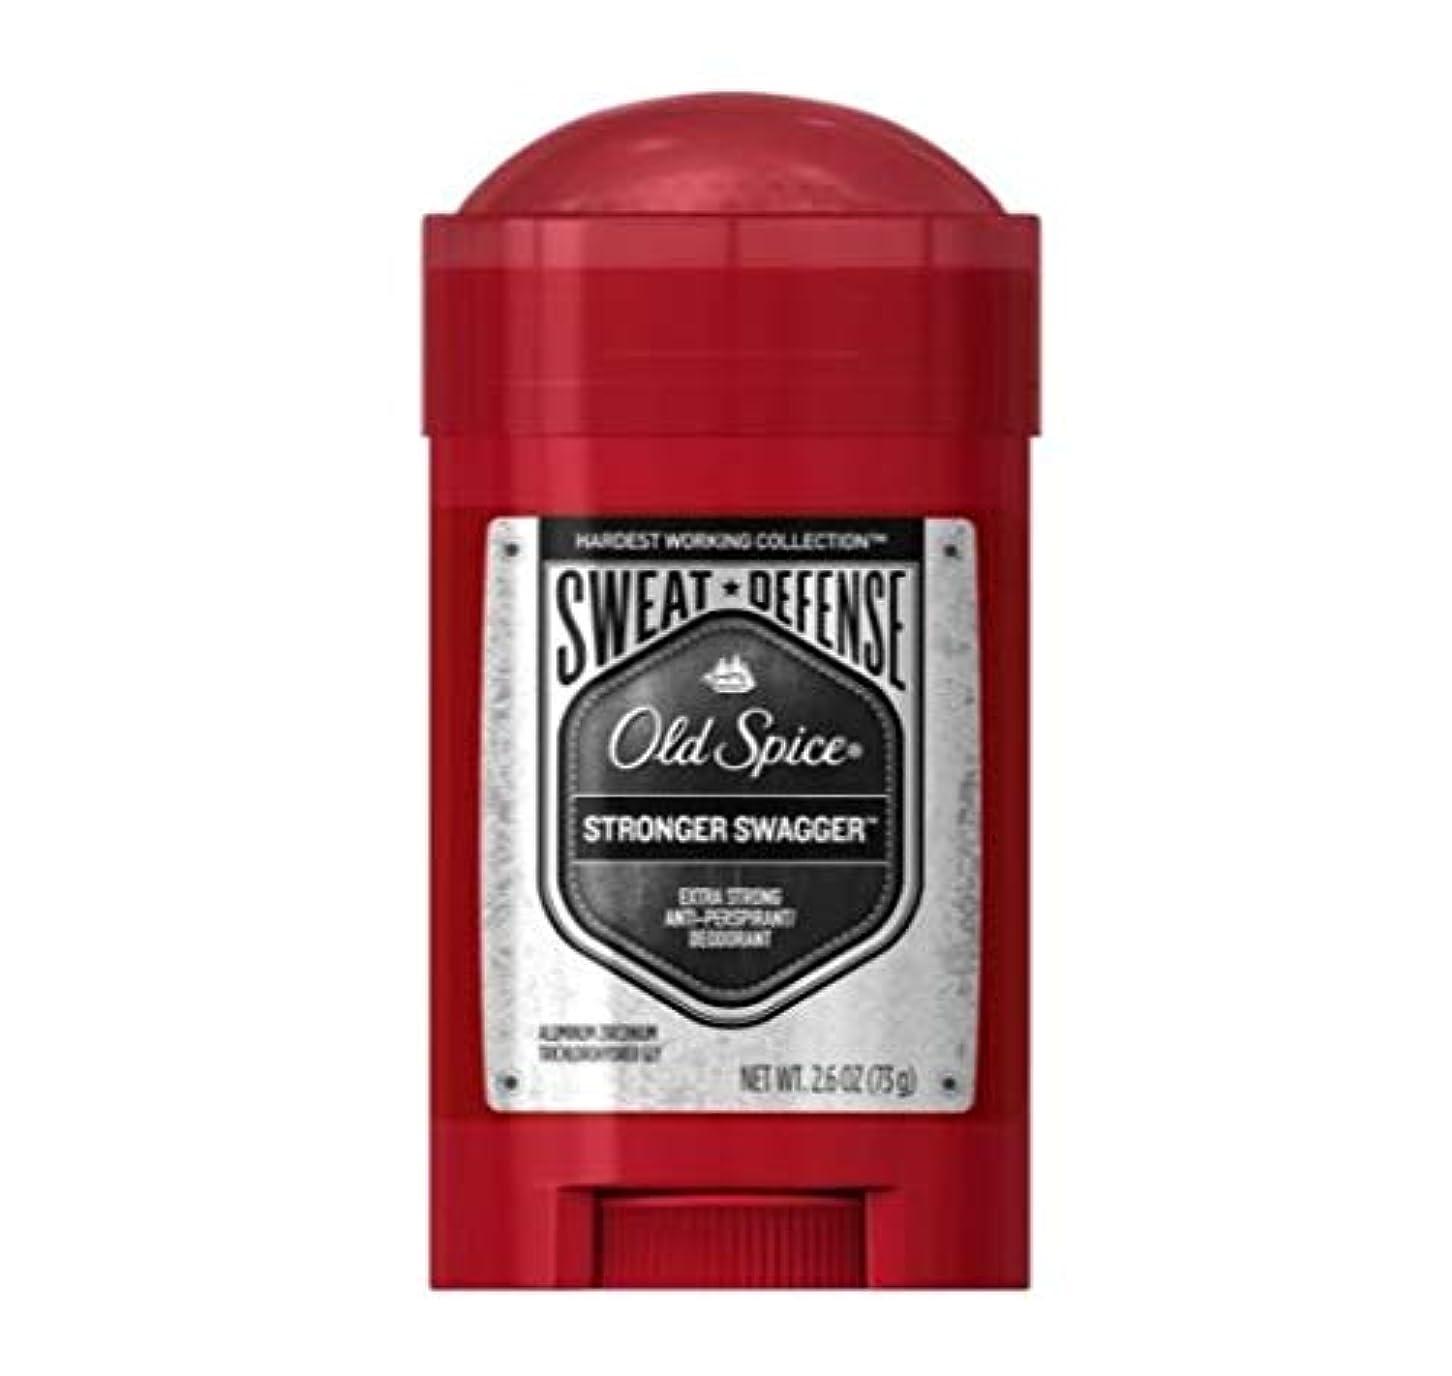 故意の万一に備えて避けるOld Spice Hardest Working Collection Sweat Defense Stronger Swagger Antiperspirant and Deodorant - 2.6oz オールドスパイス...